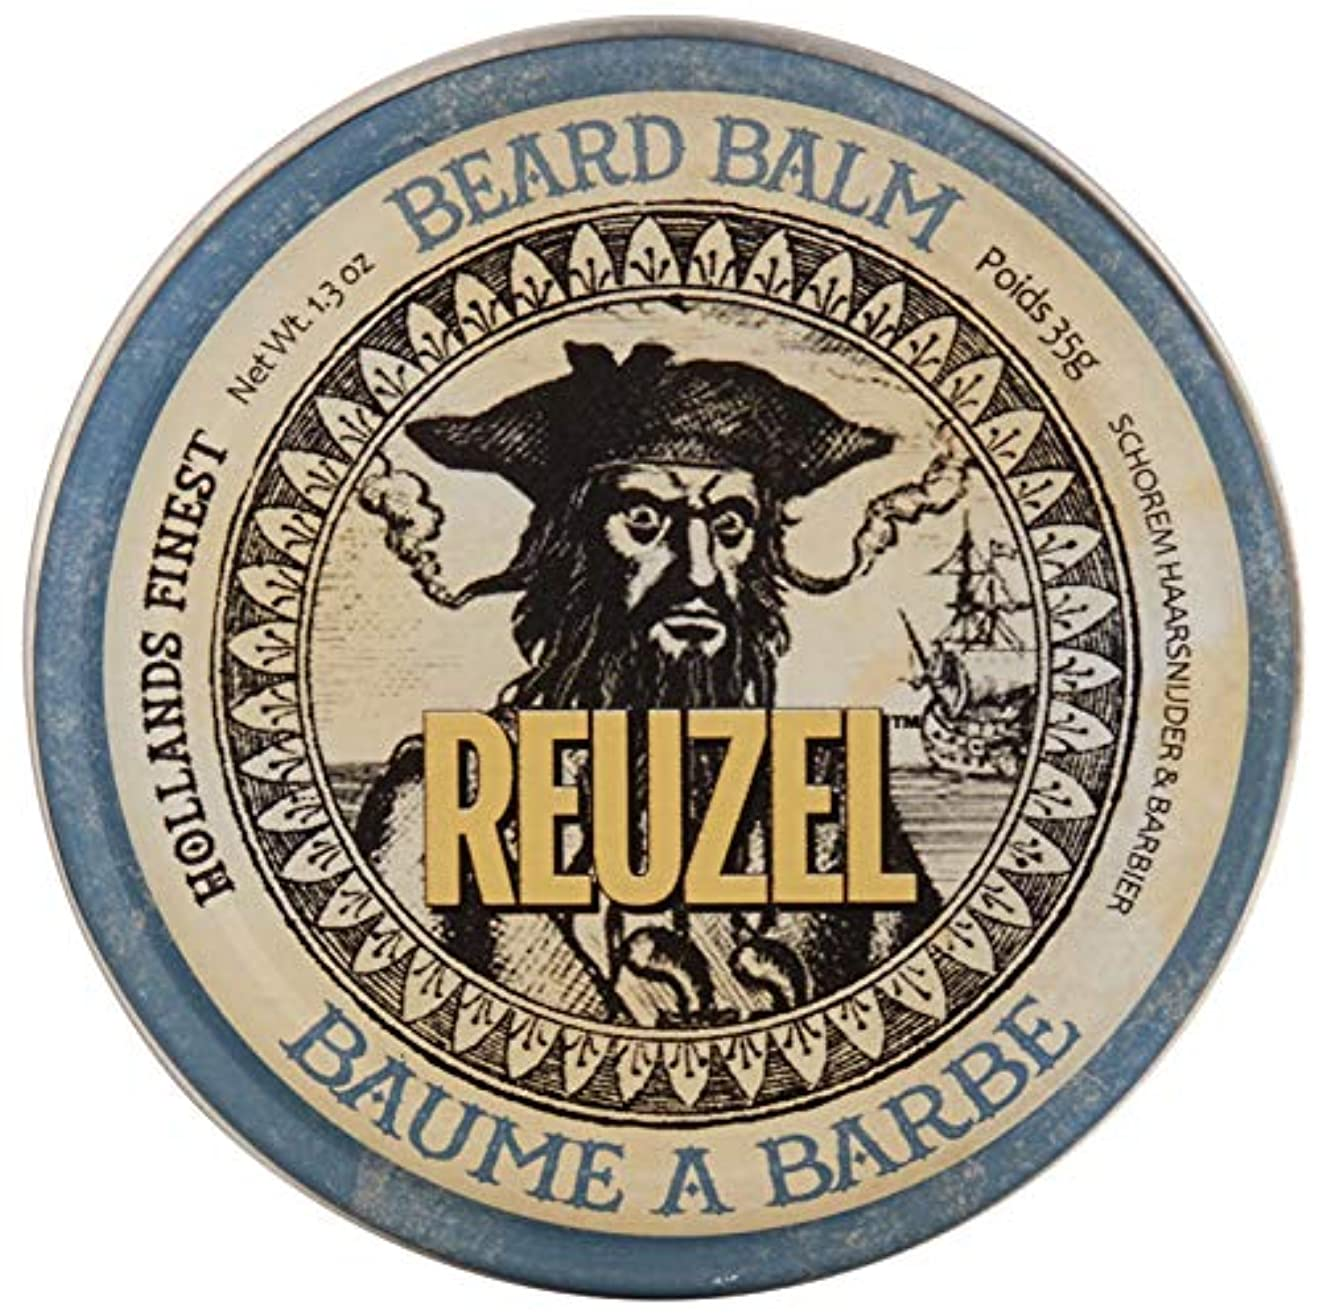 リマスーパーマーケットうなずくreuzel BEARD BALM 1.3 oz by REUZEL